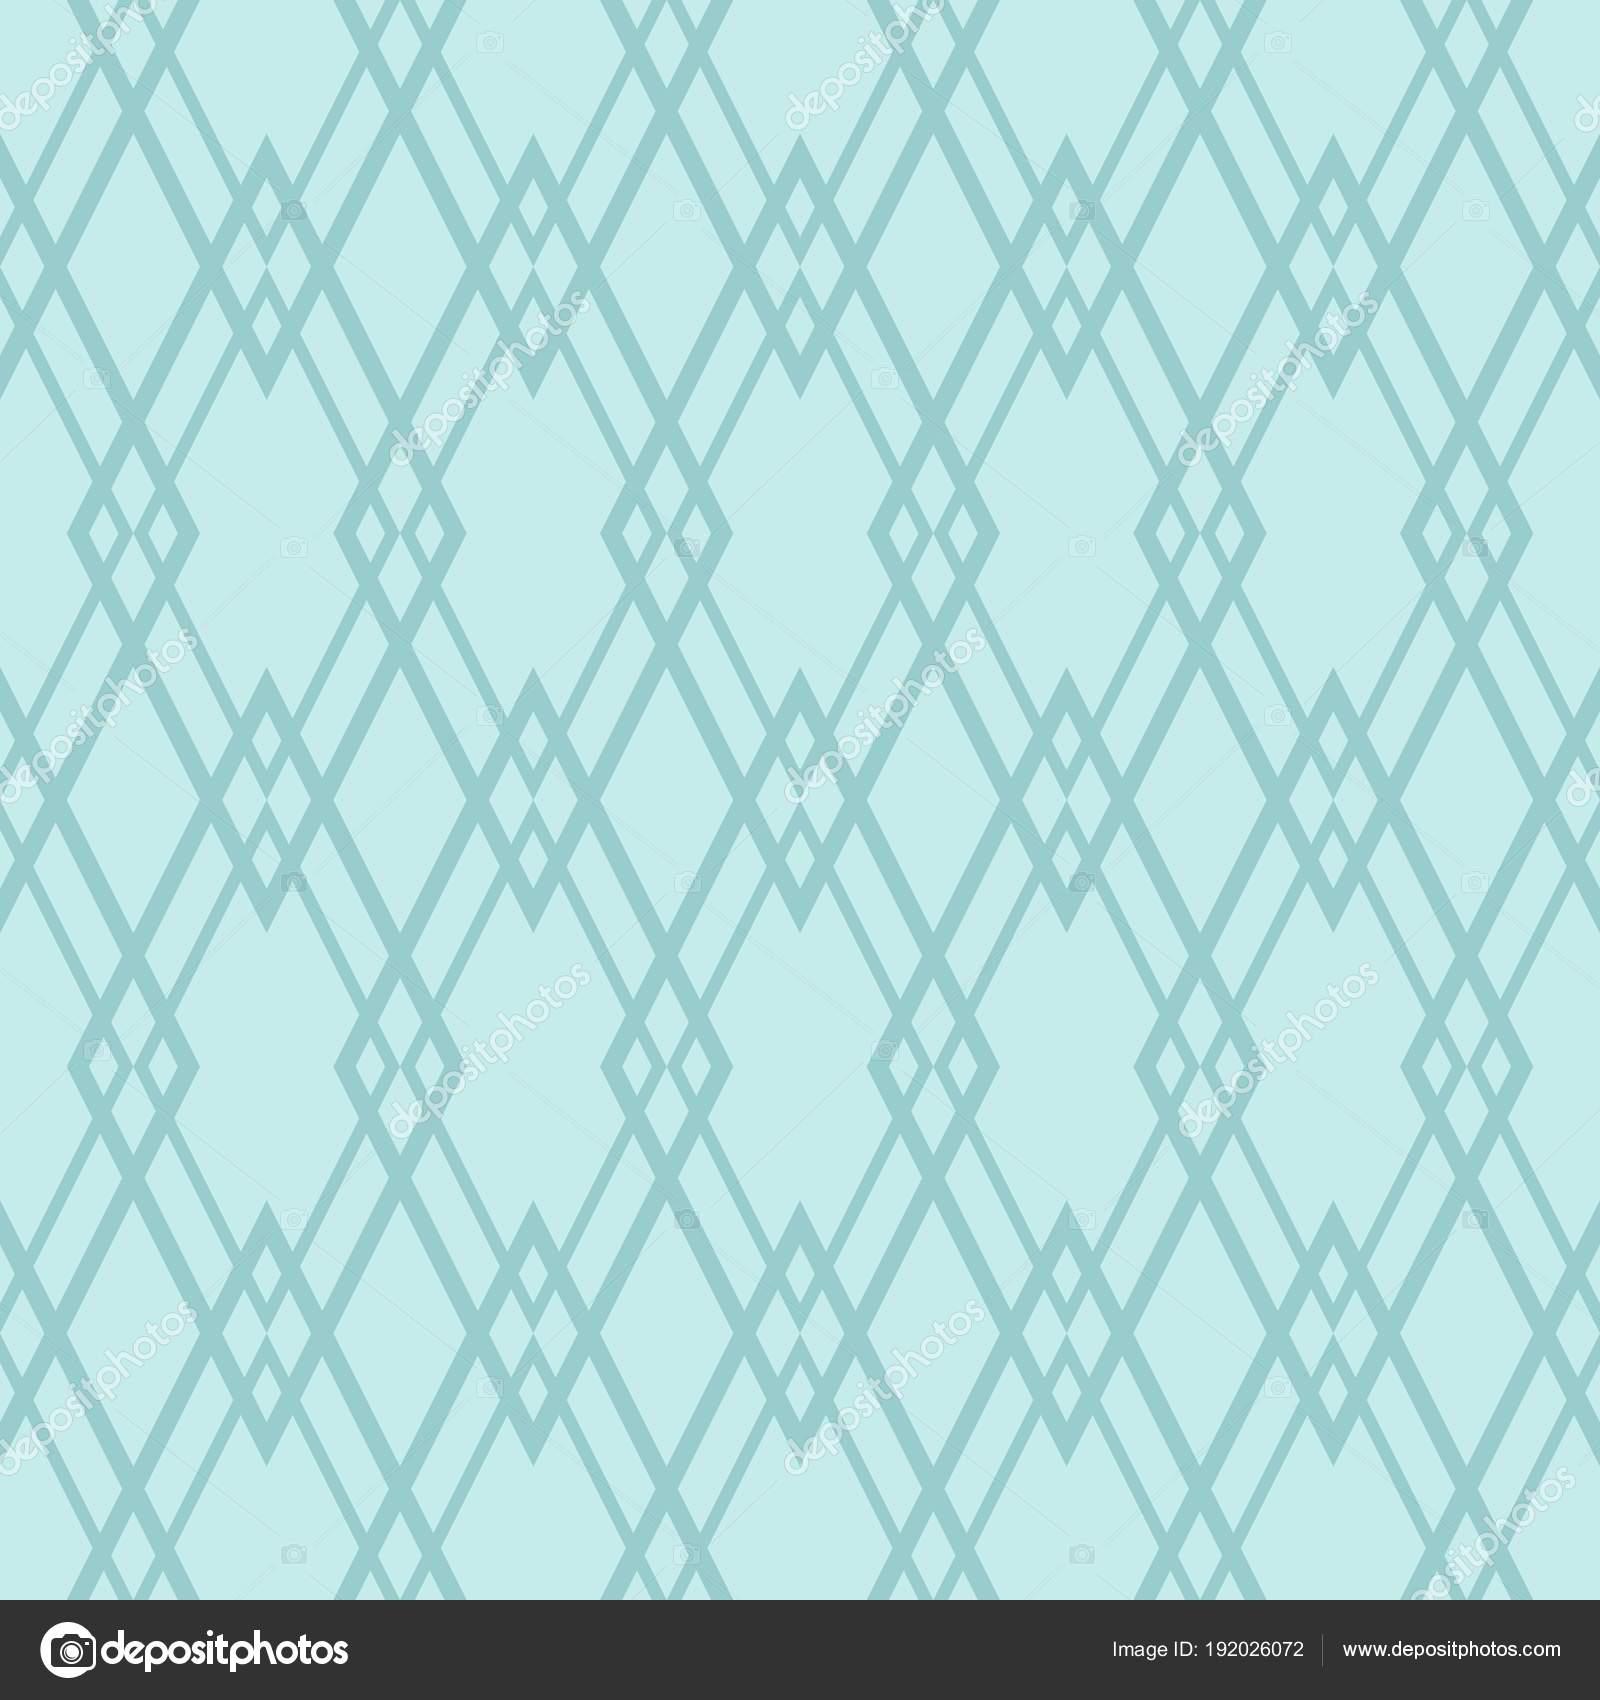 Tile Vector Pattern Mint Green White Wallpaper Background Stock